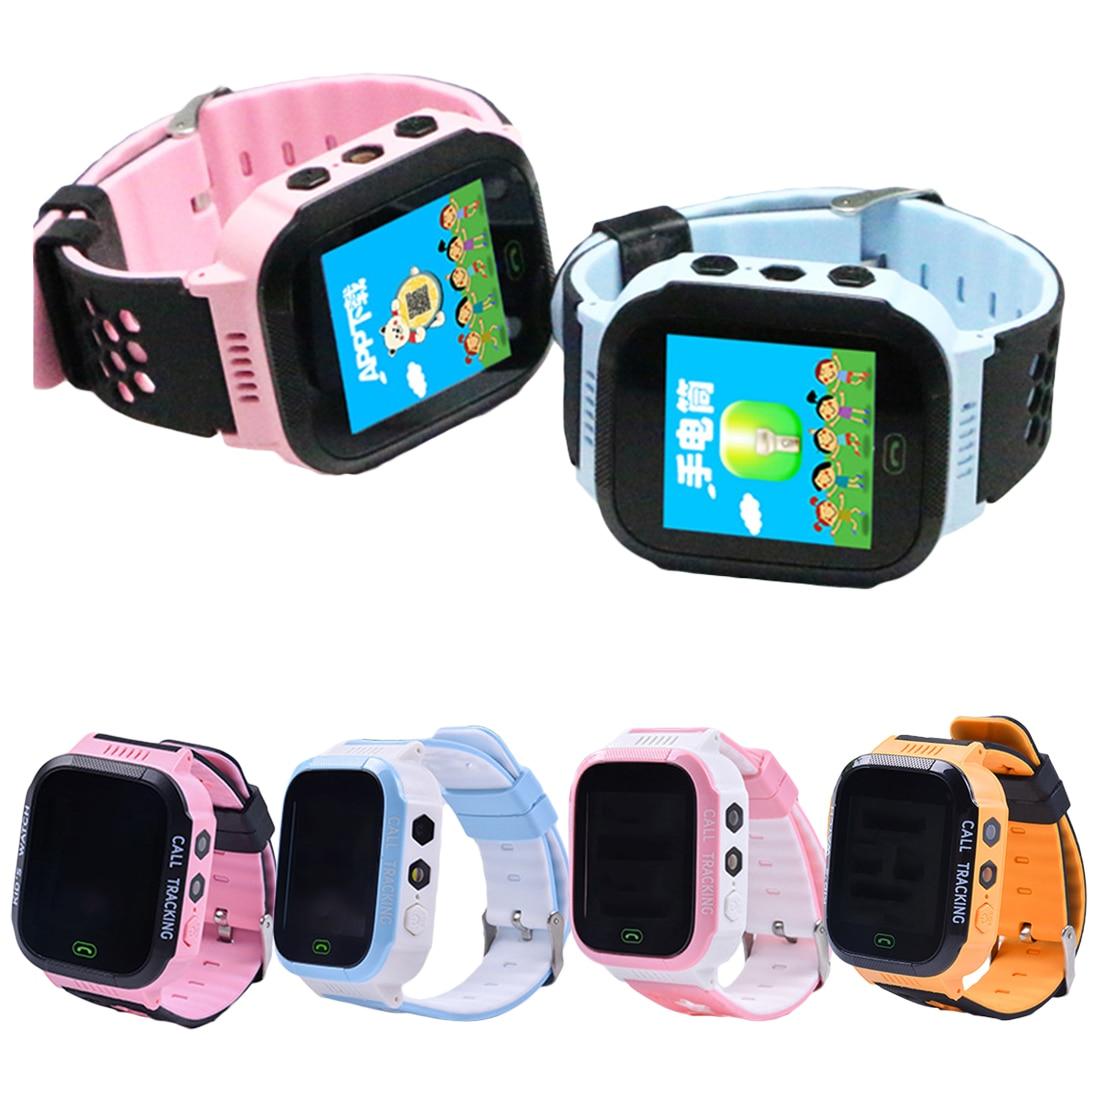 CONTECHIA Smart Uhr Kinder Armbanduhr Wasserdichte Baby Uhr Mit Fernbedienung Kamera SIM Anrufe Geschenk Für Kinder pk dz09 gt08 a1 y21